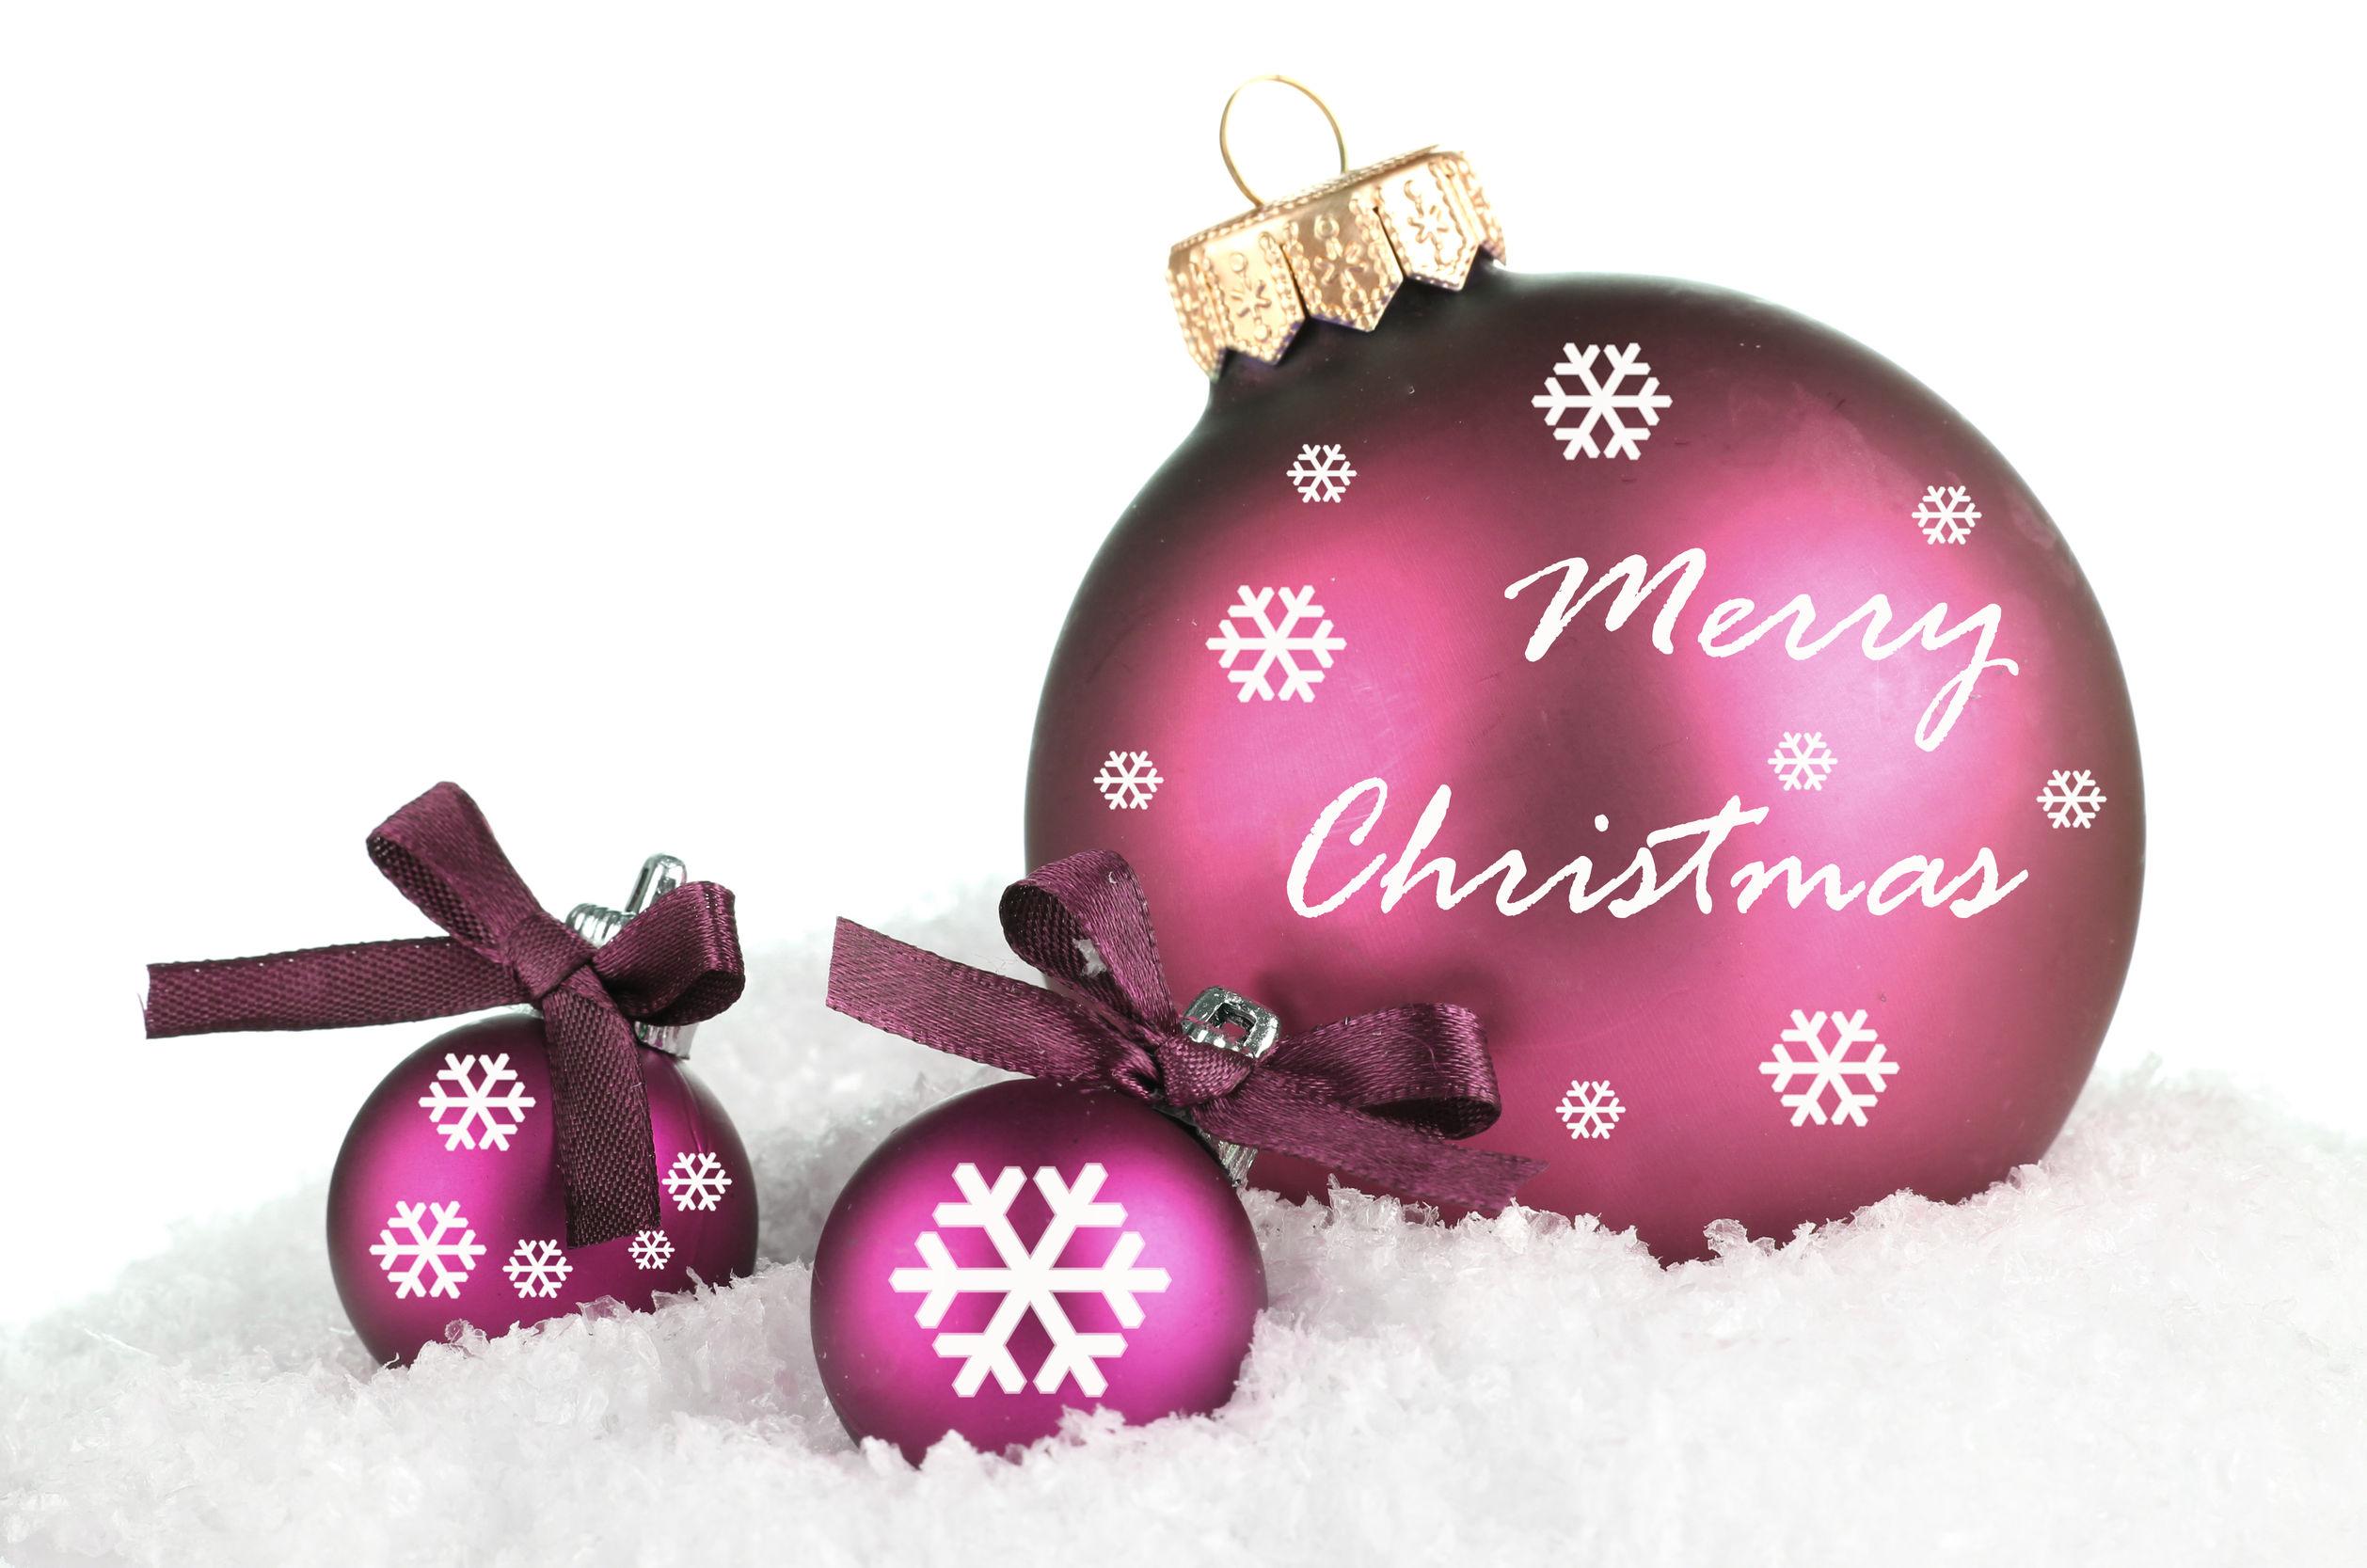 Besinnliche Weihnachten Und Einen Guten Rutsch Ins Neue Jahr.Ein Frohes Weihnachtsfest Besinnliche Feiertage Und Einen Guten